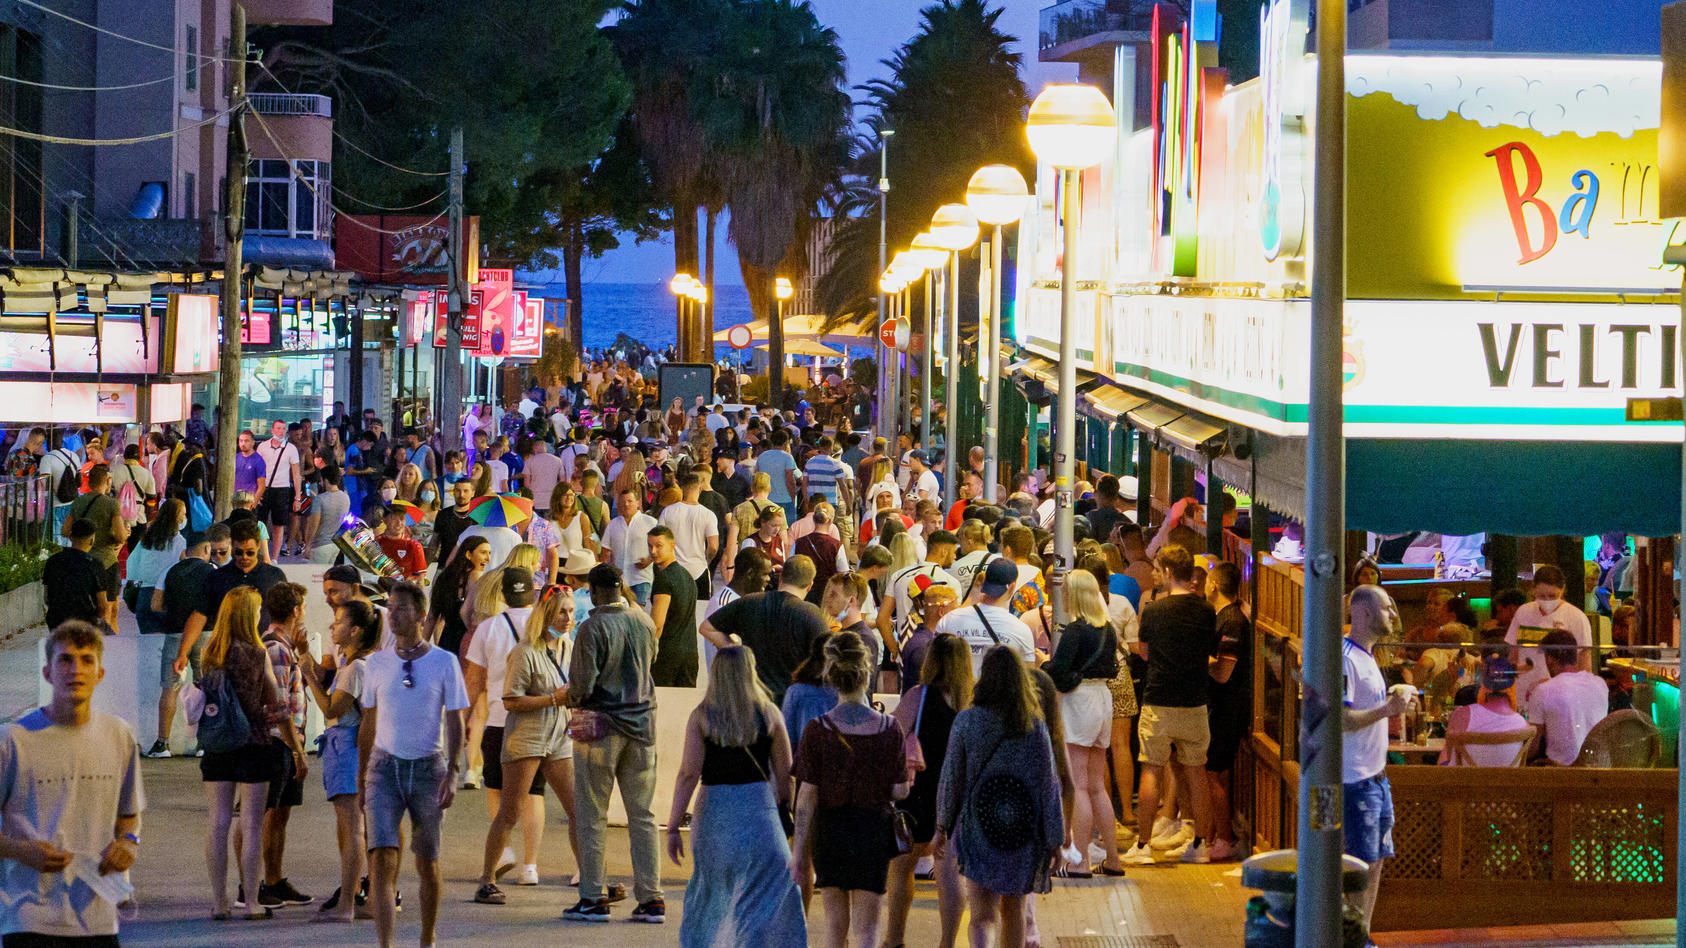 bald-durfen-touristen-auch-wieder-auf-den-tanzflachen-von-mallorcas-discos-feiern